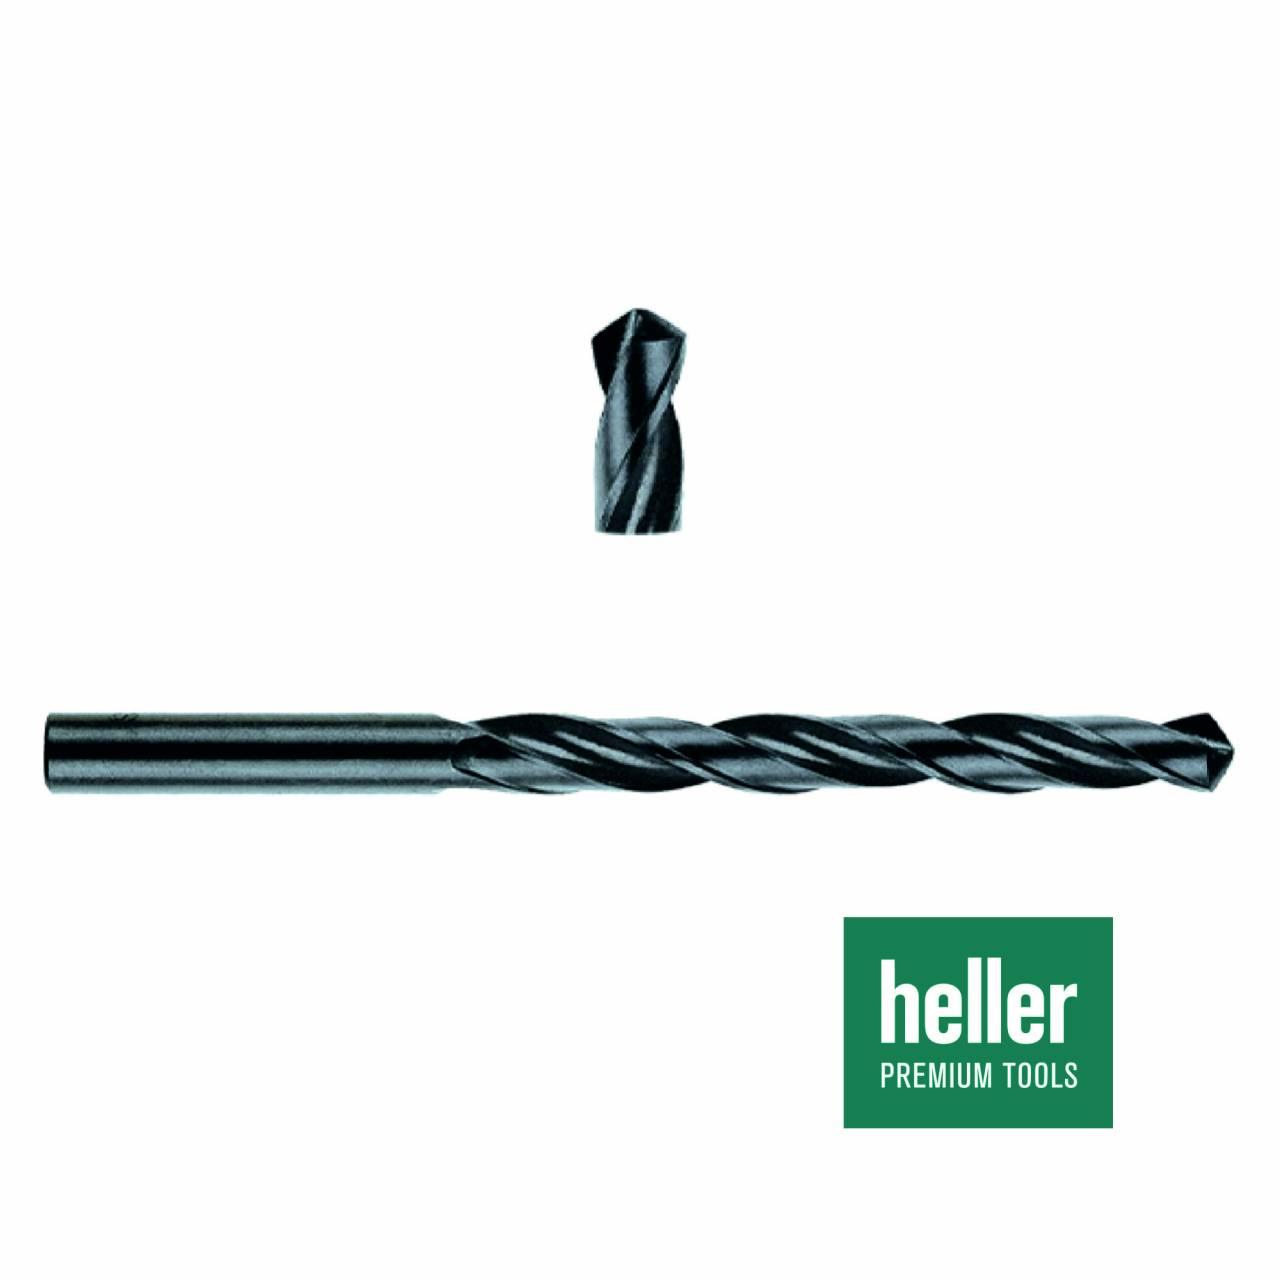 Stahlbohrer HSS-R 'Heller®' Ø 5,5 x 57 x 93 mm / Pck a 2 Stück